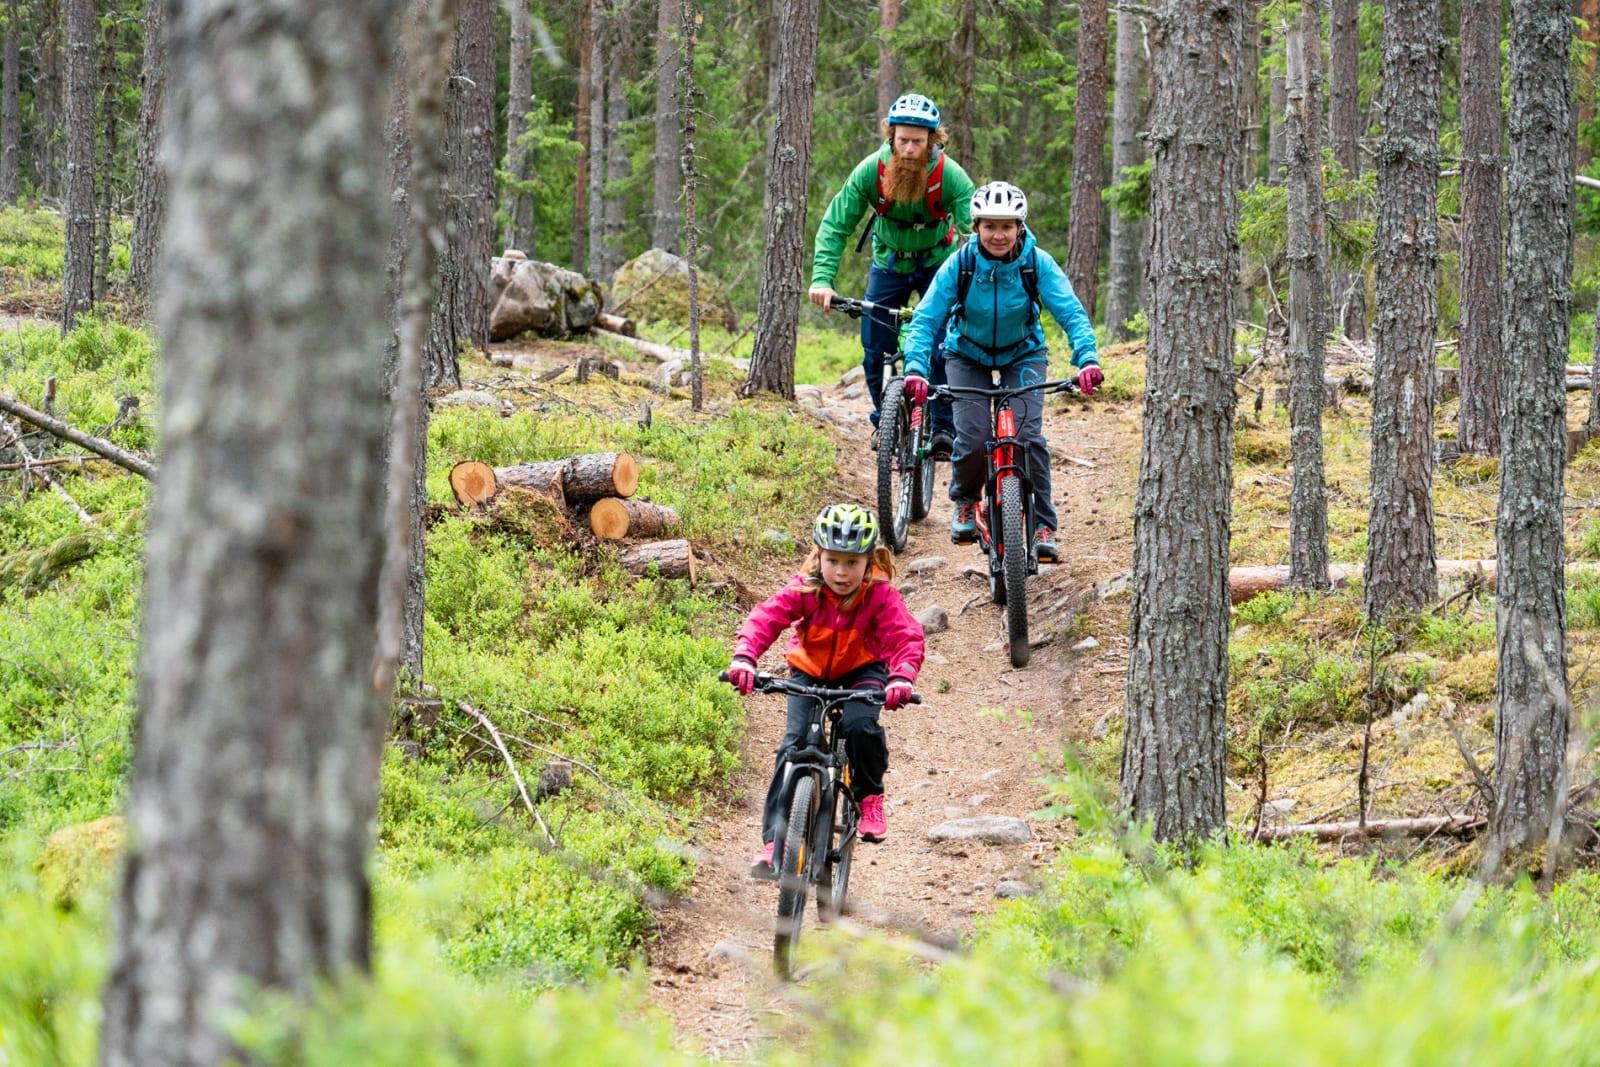 EFFEKTIVT: Sykkelekspert Aslak Mørstad holdt kurs i terrengsykling for mor Irene og datter Live i Trysil. Bilde: Christian Nerdrum